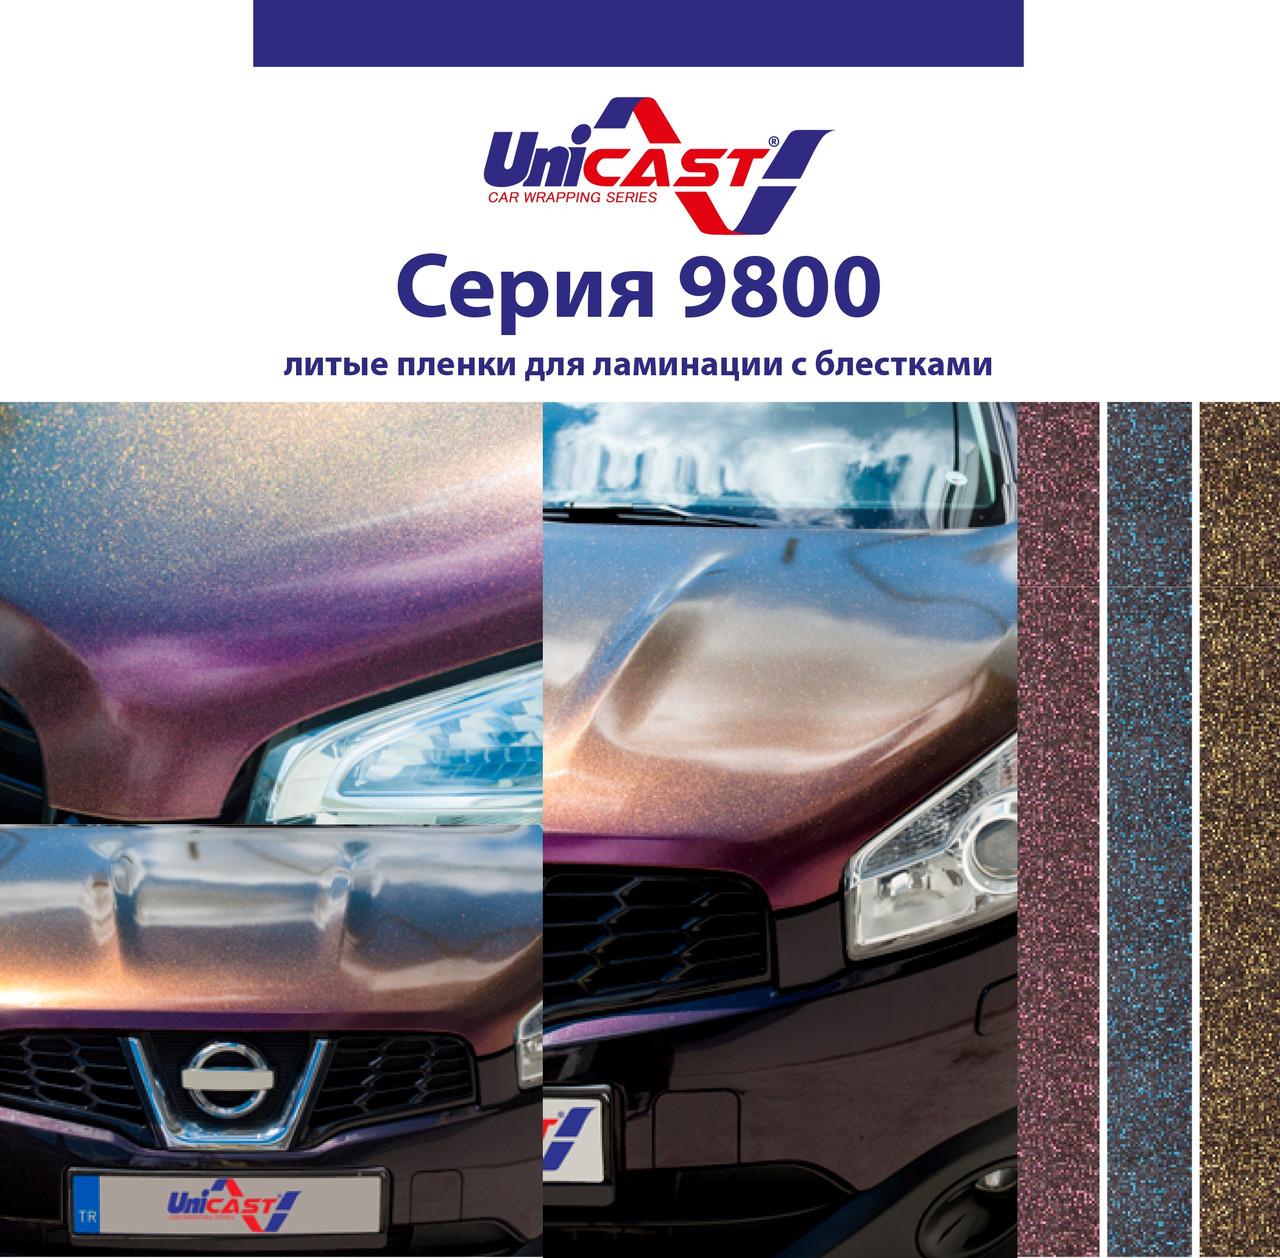 Литые пленки для ламинации с блестками для авто Unicast 9800